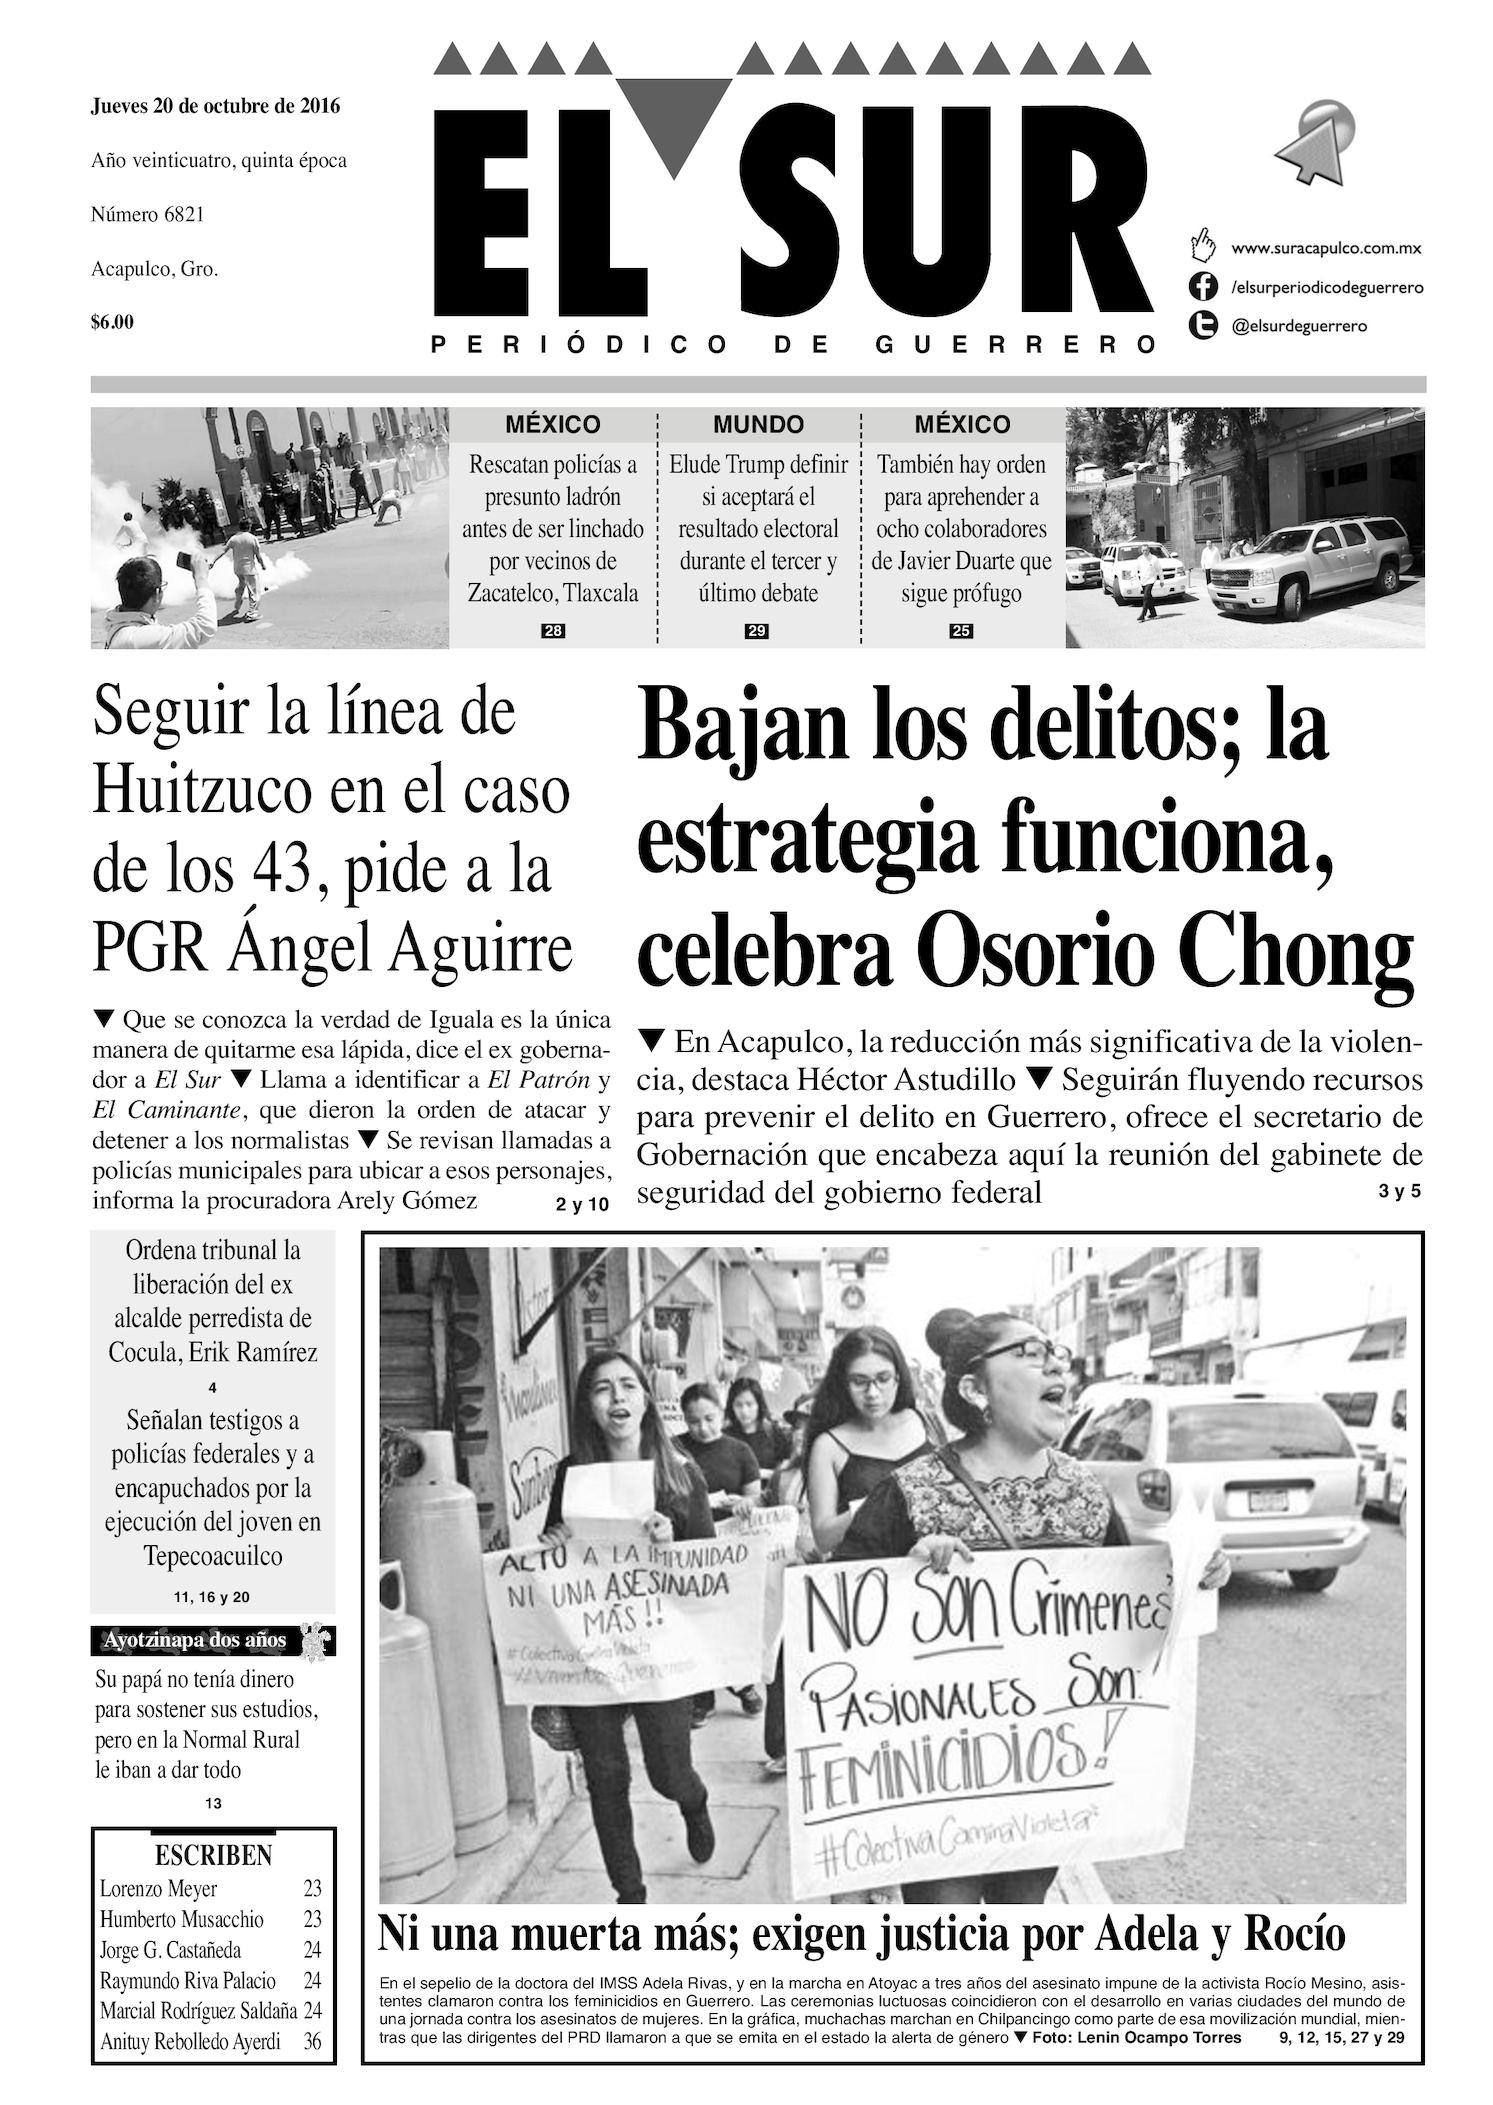 Ife citas por internet Acapulco racista